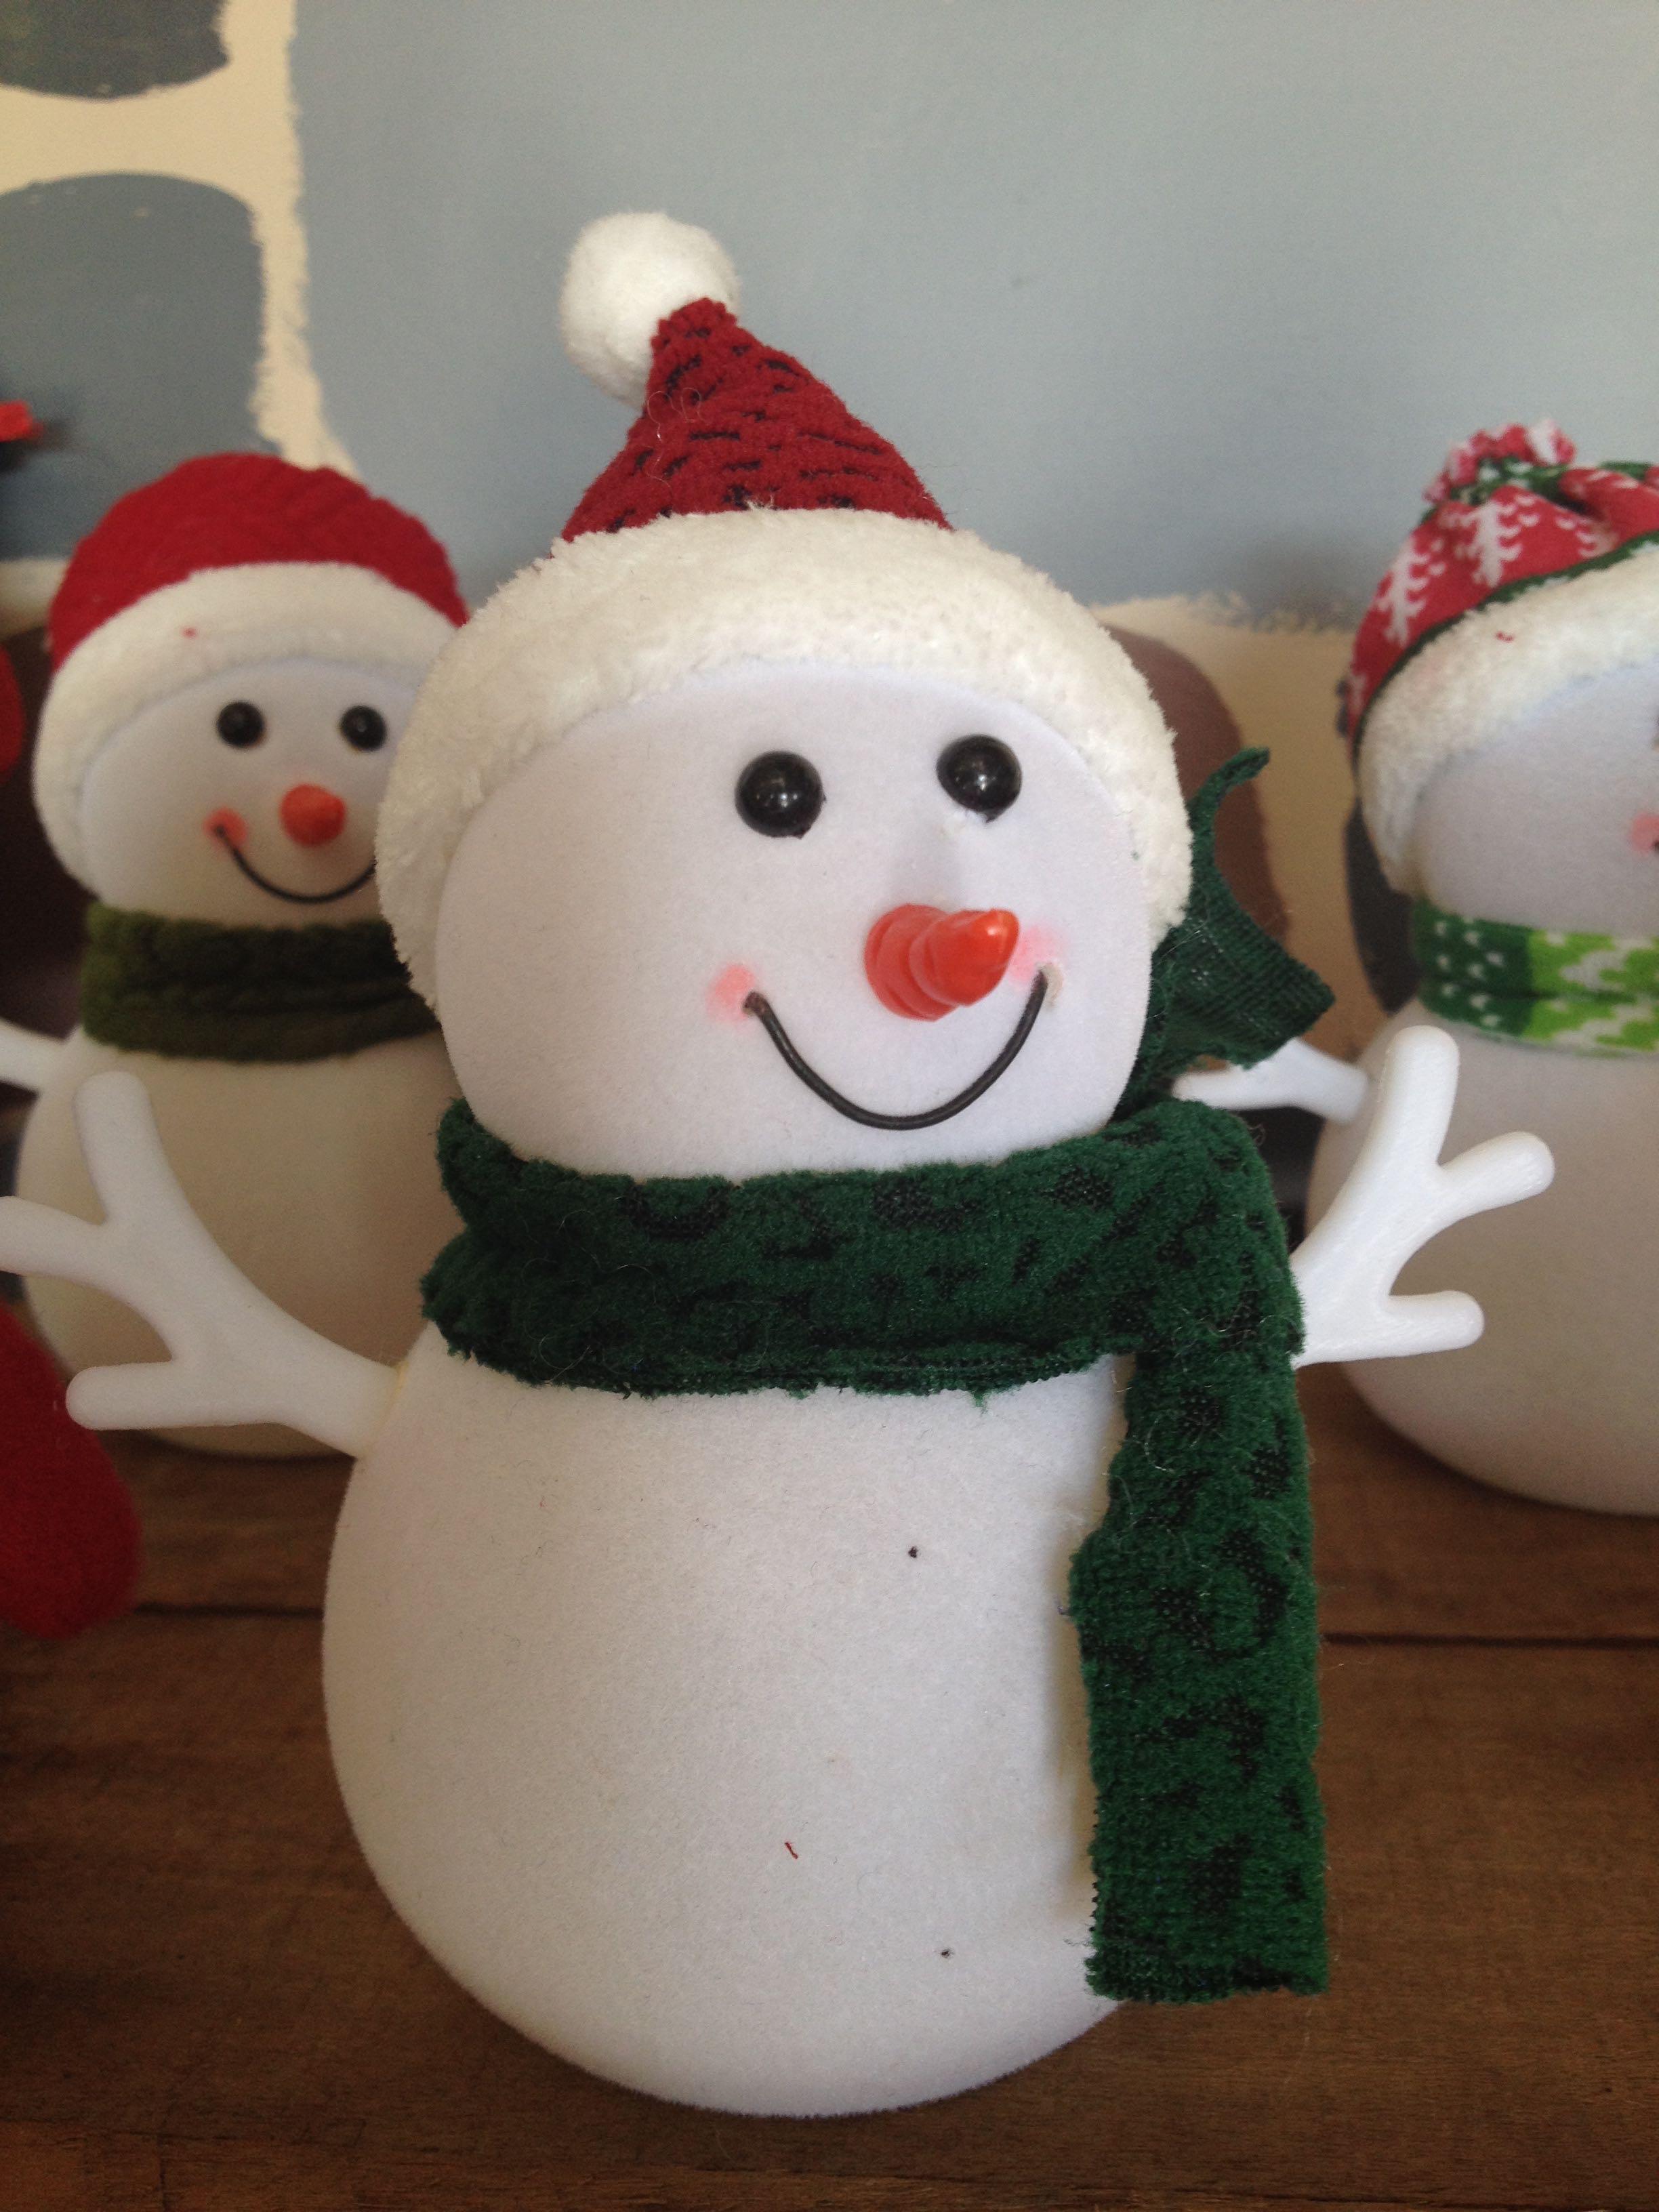 Light-up Snowman